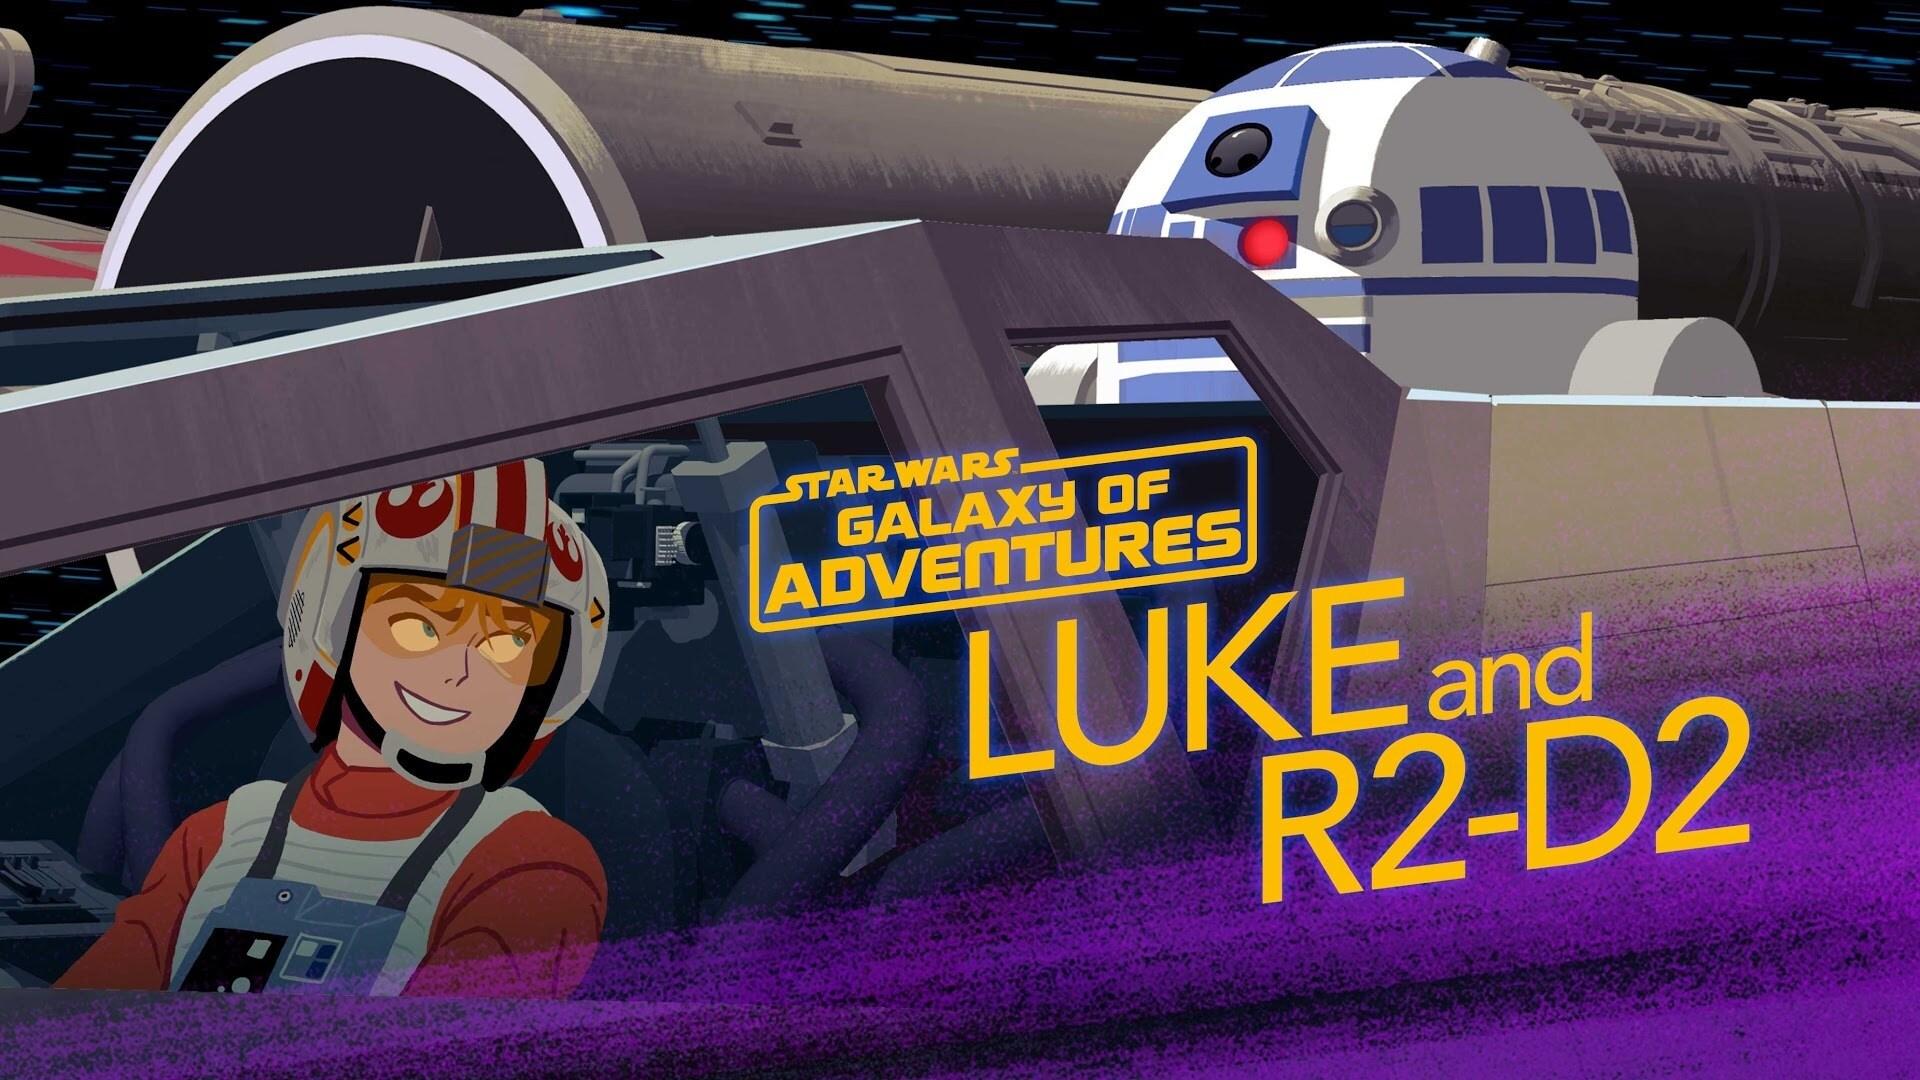 R2-D2 - A Pilot's Best Friend   Star Wars Galaxy of Adventures